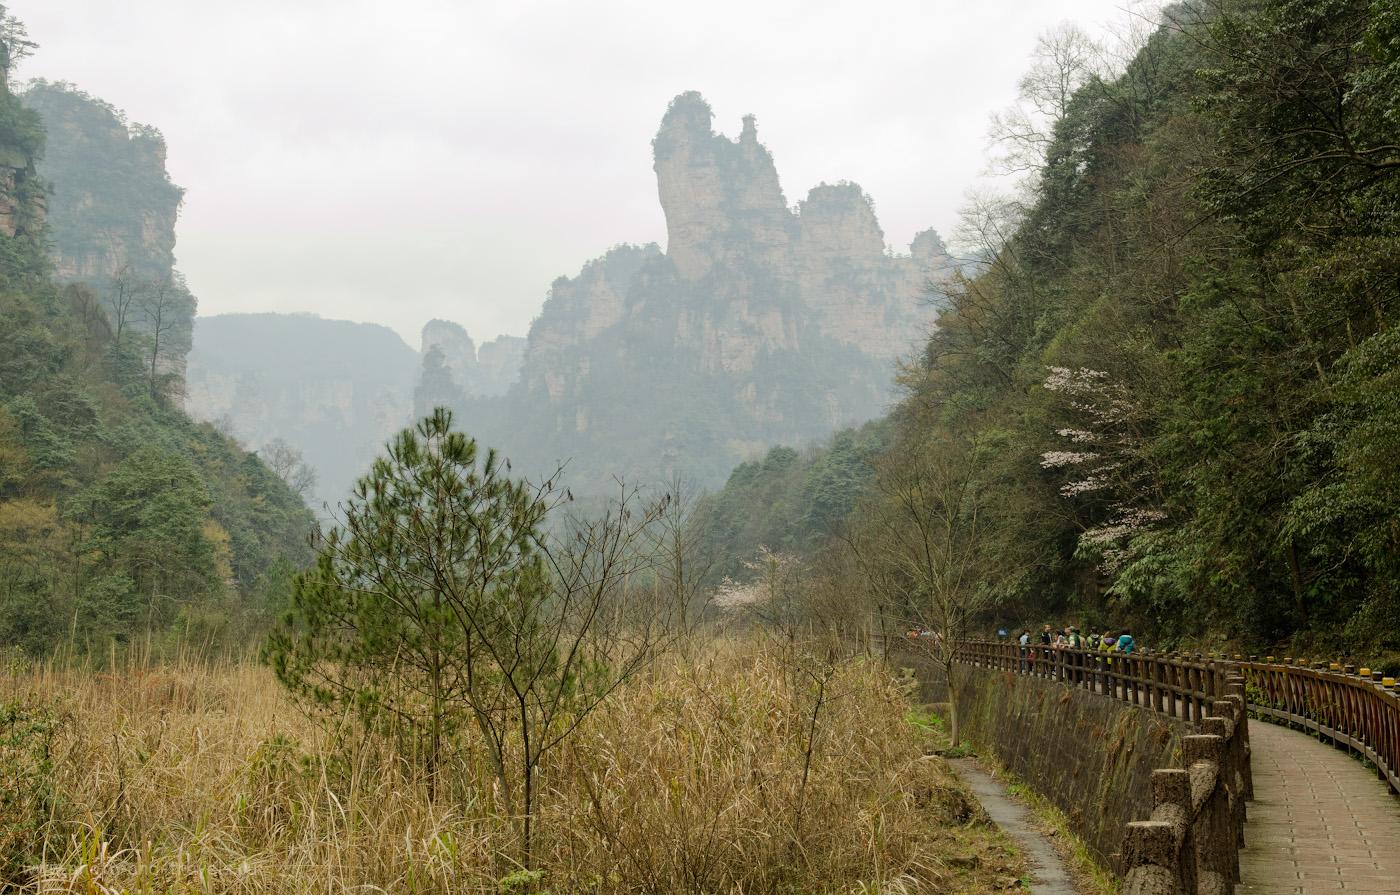 6. Будут эти пейзажи парка Чжанцзяцзе в Китае еще долго мне сниться. Отчет о прогулке из деревни Улинъюань самостоятельно.